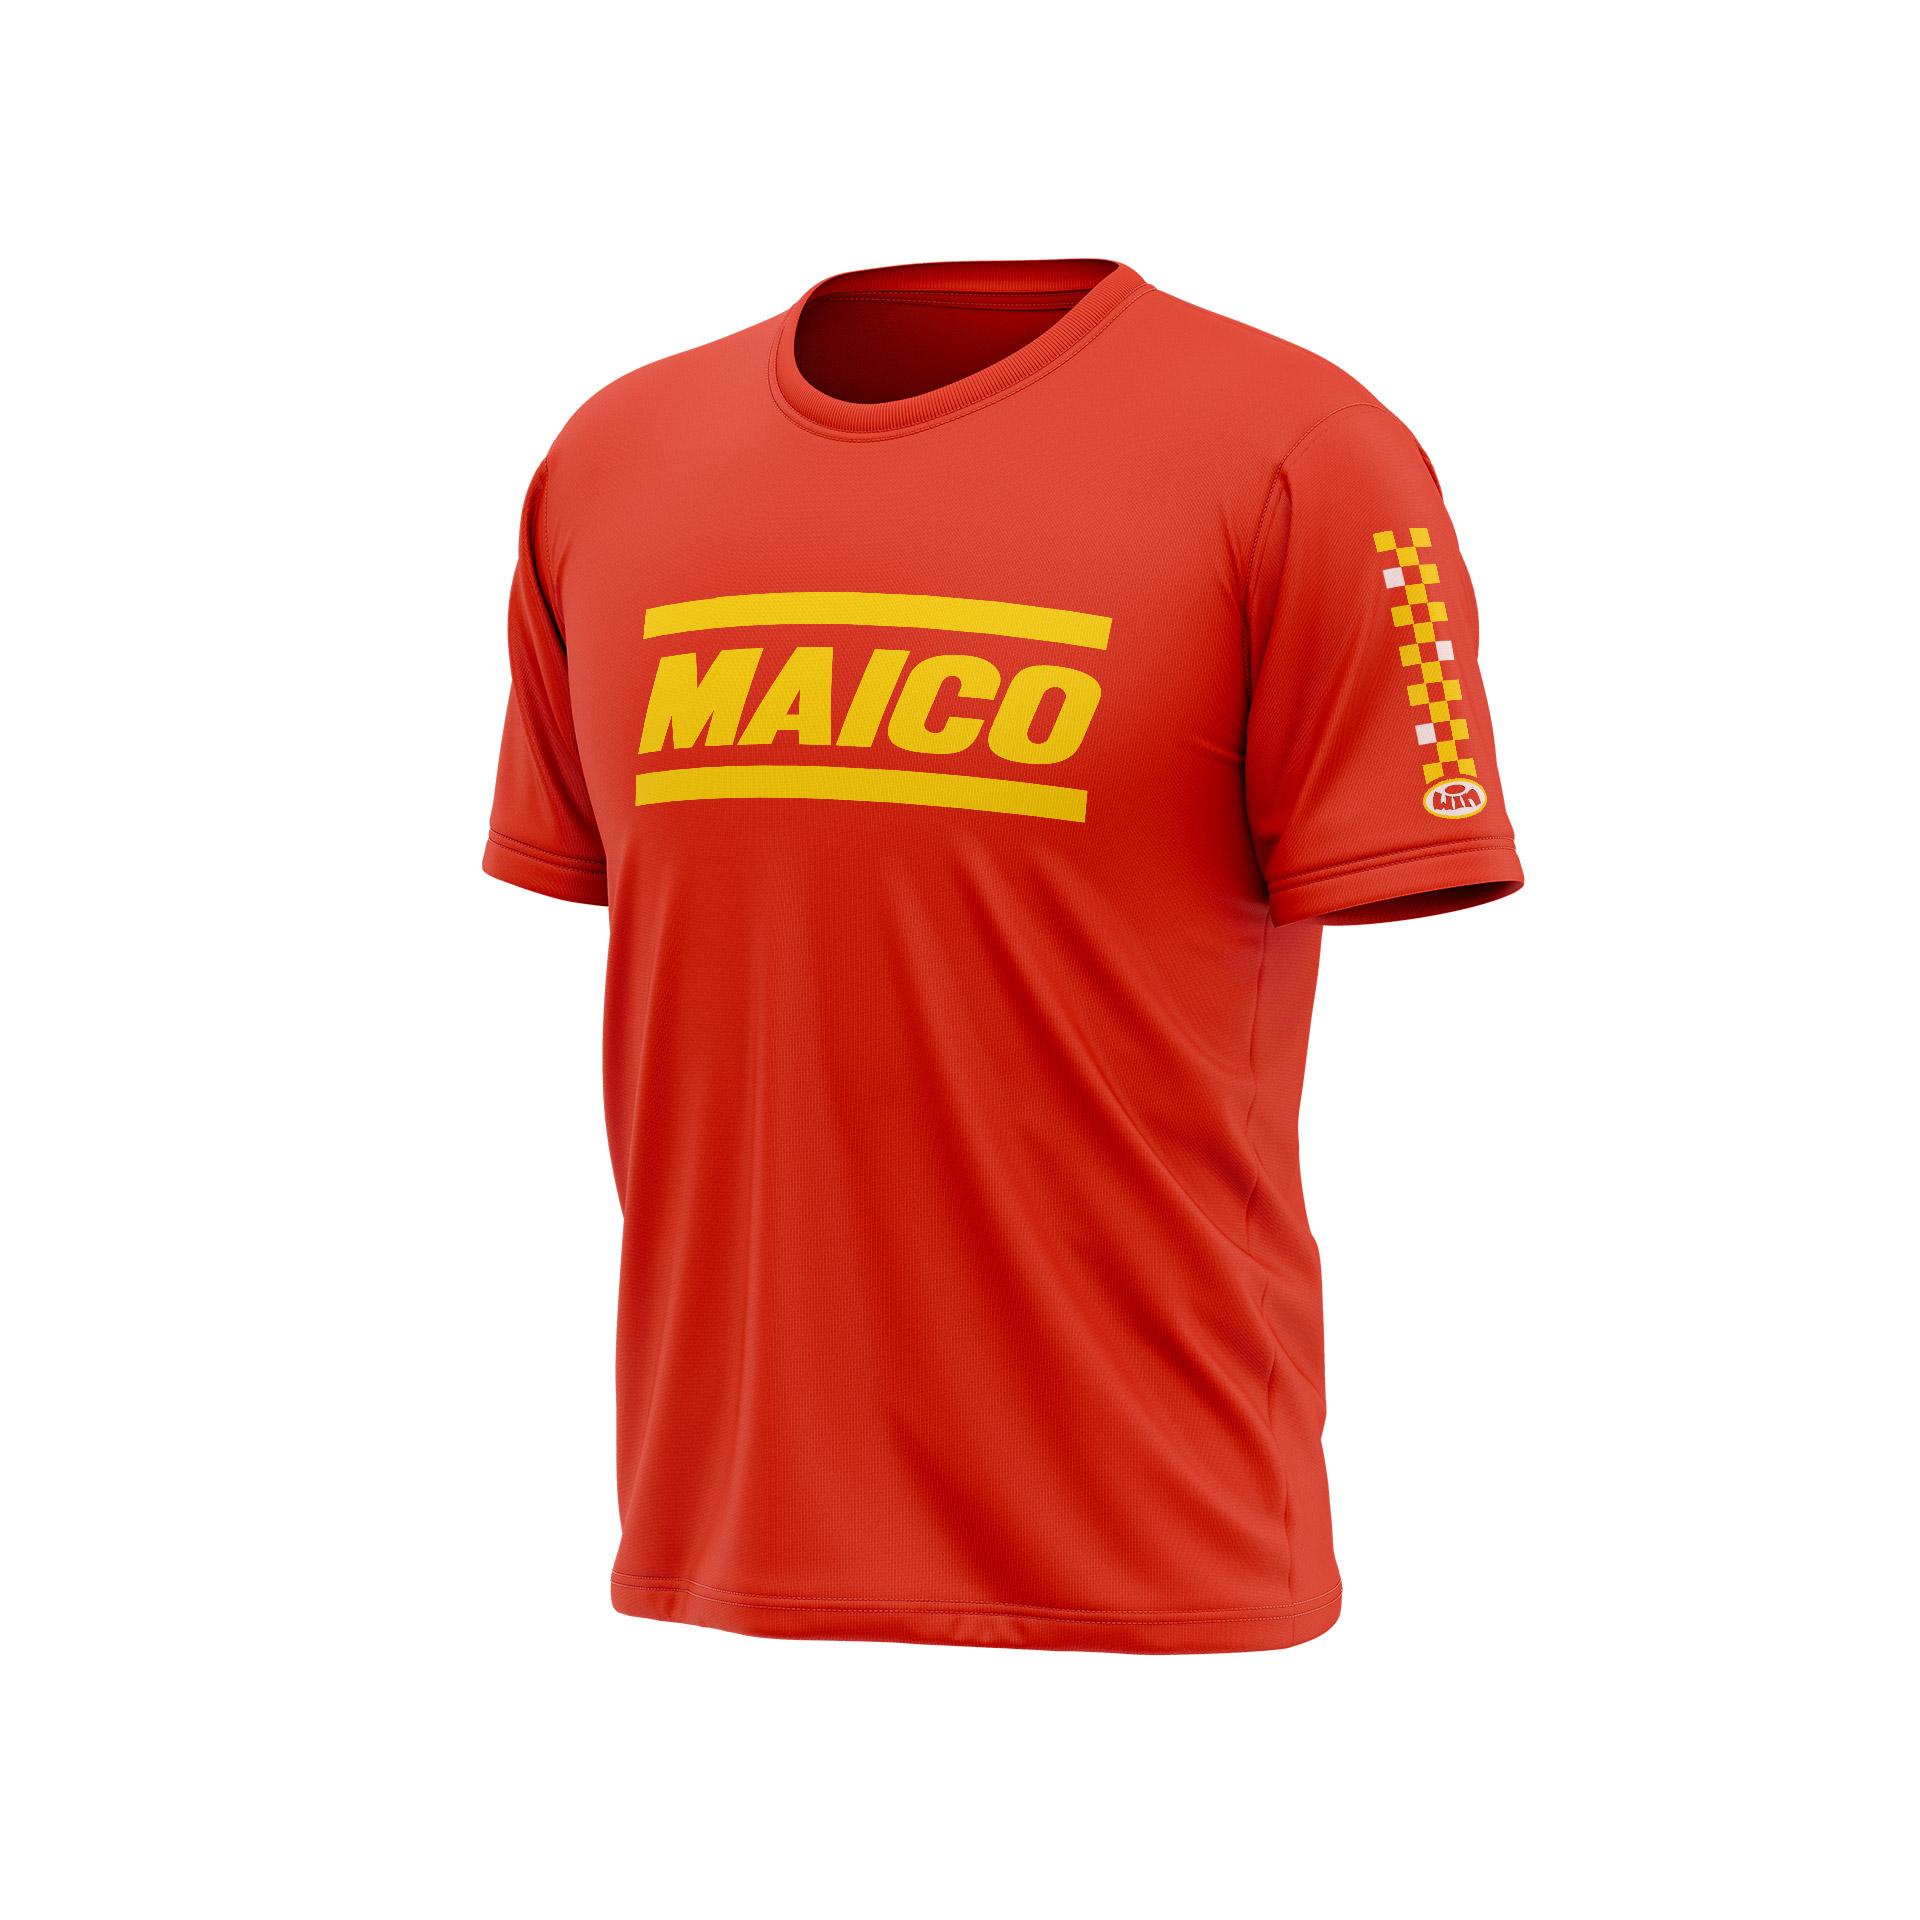 TSD MAICO Rouge - Jaune Blanc